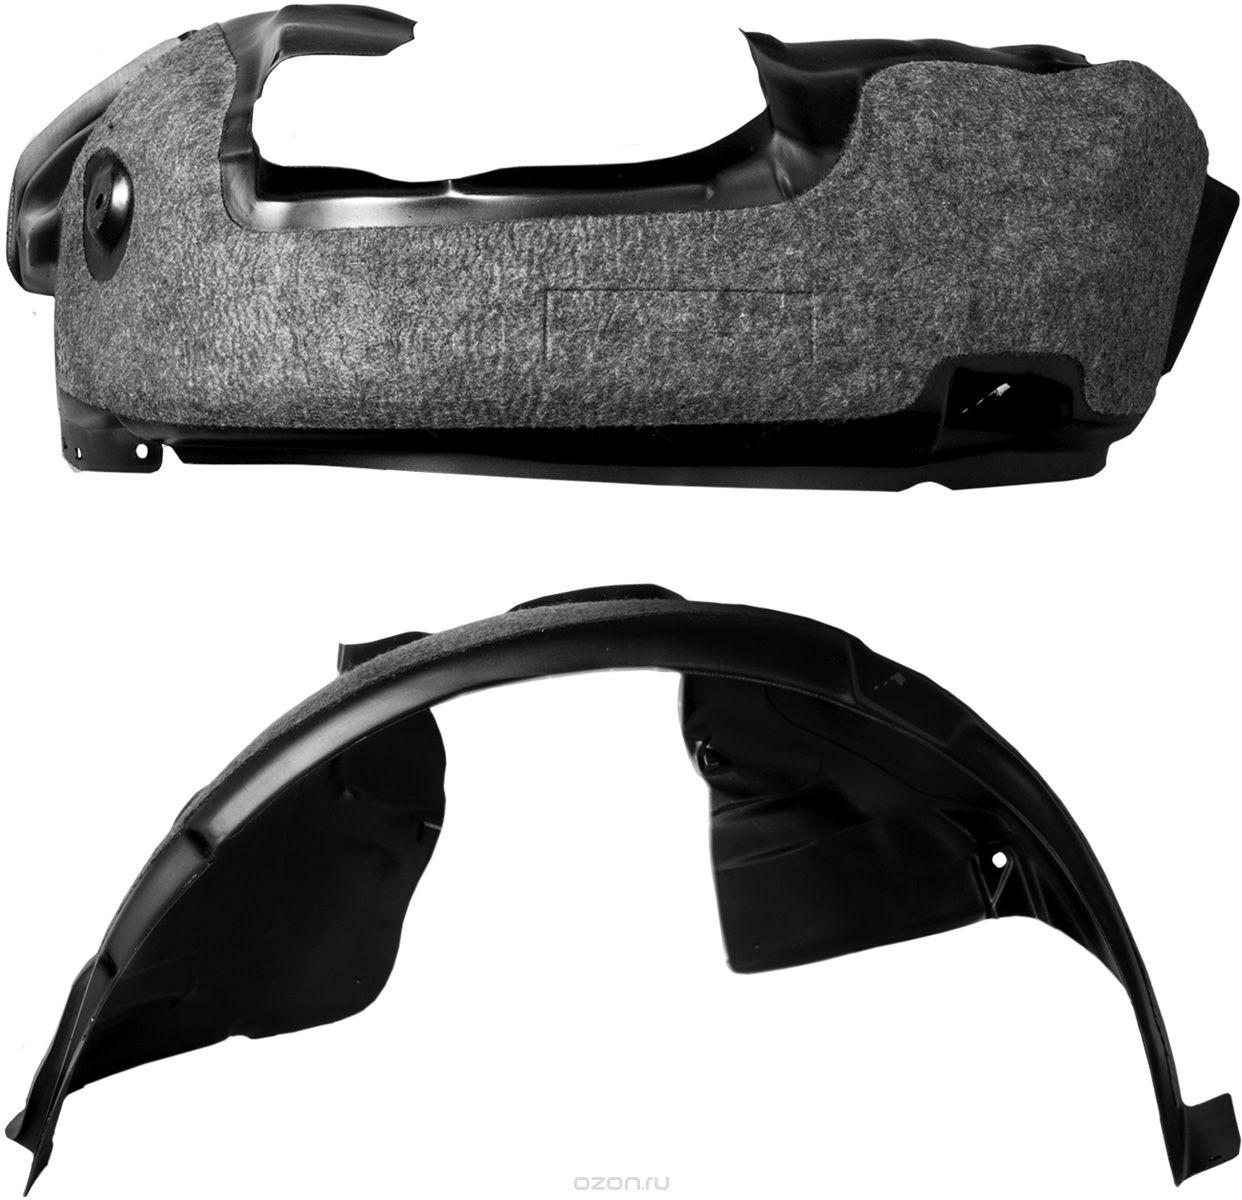 Подкрылок Novline-Autofamily, с шумоизоляцией, для SUZUKI Vitara, 03/2015->, задний левыйNLS.20.47.004Идеальная защита колесной ниши. Локеры разработаны с применением цифровых технологий, гарантируют максимальную повторяемость поверхности арки. Изделия устанавливаются без нарушения лакокрасочного покрытия автомобиля, каждый подкрылок комплектуется крепежом. Уважаемые клиенты, обращаем ваше внимание, что фотографии на подкрылки универсальные и не отражают реальную форму изделия. При этом само изделие идет точно под размер указанного автомобиля.